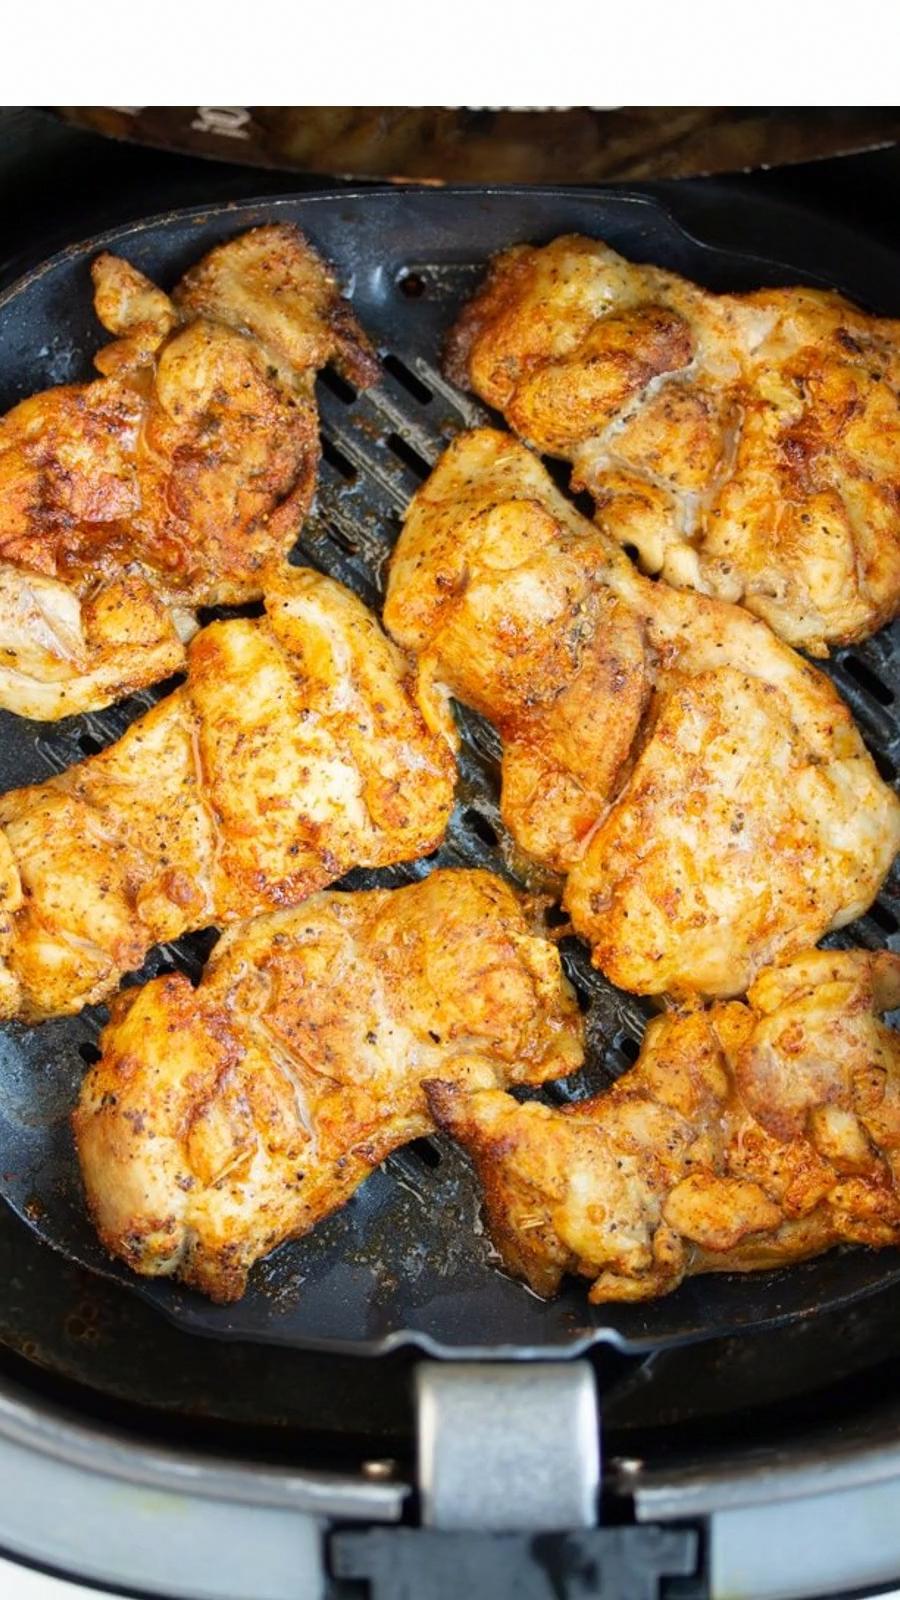 Lemon Pepper Air Fryer Chicken Thighs | Recipe | Air fryer ...